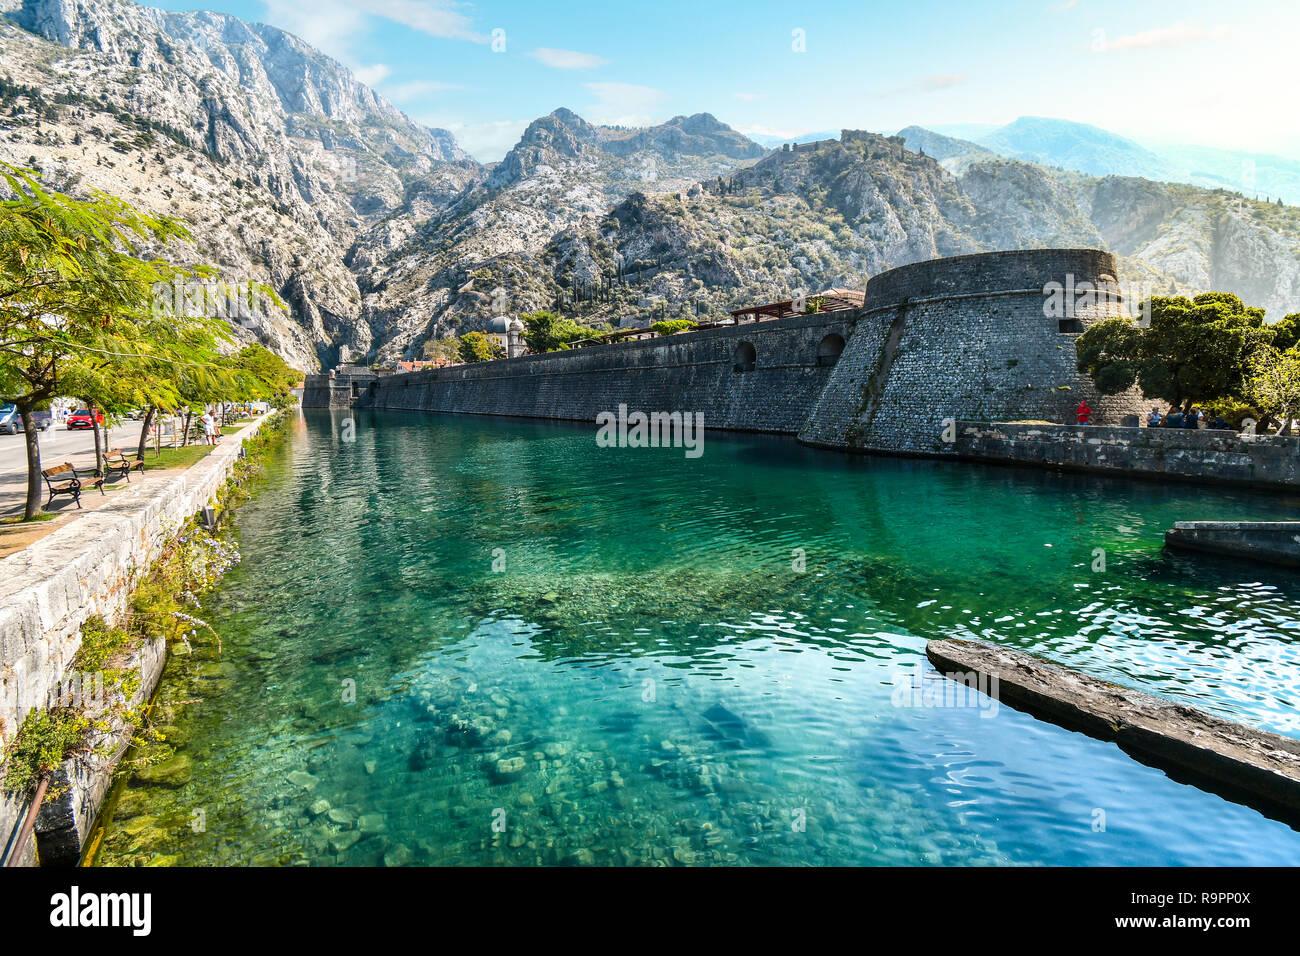 Las murallas medievales de la ciudad y el foso que separa a las montañas y el castillo detrás en el Adriático, antigua ciudad de Kotor, Montenegro. Foto de stock